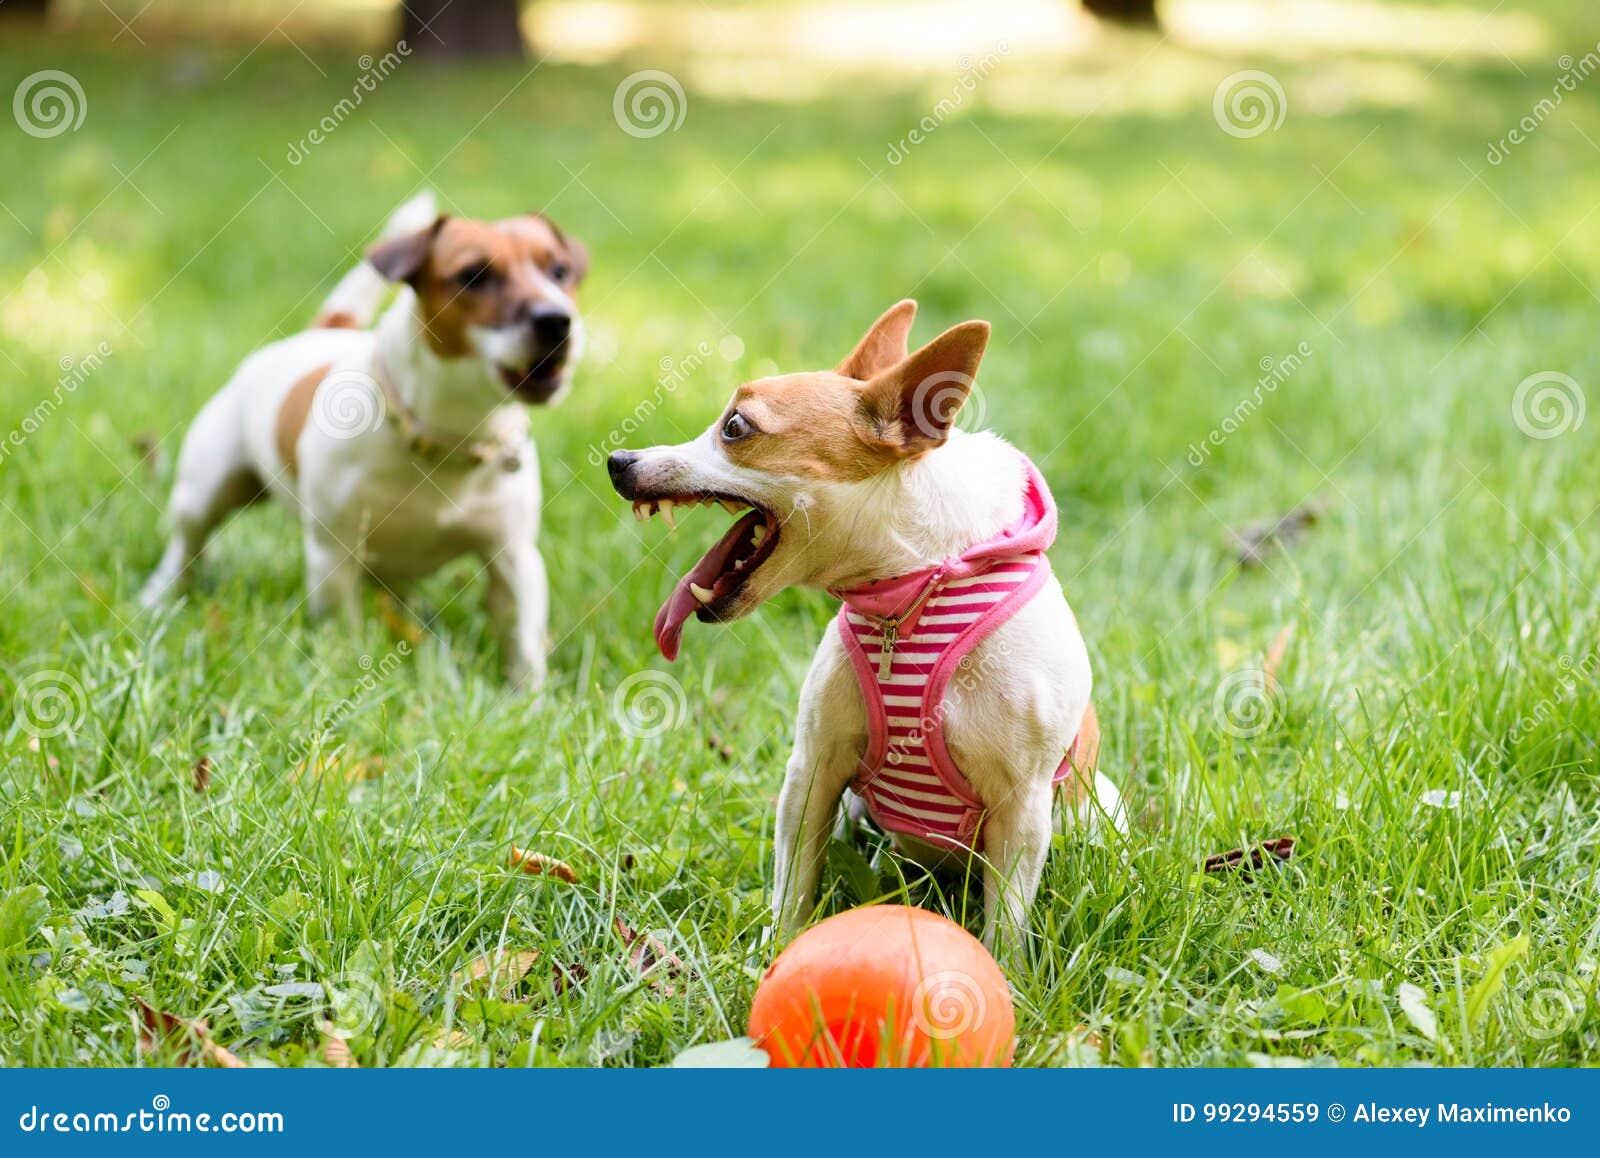 Το μικρό σκυλί υπερασπίζει το παιχνίδι της που παρουσιάζει τους κυνόδοντες και αποφλοίωση